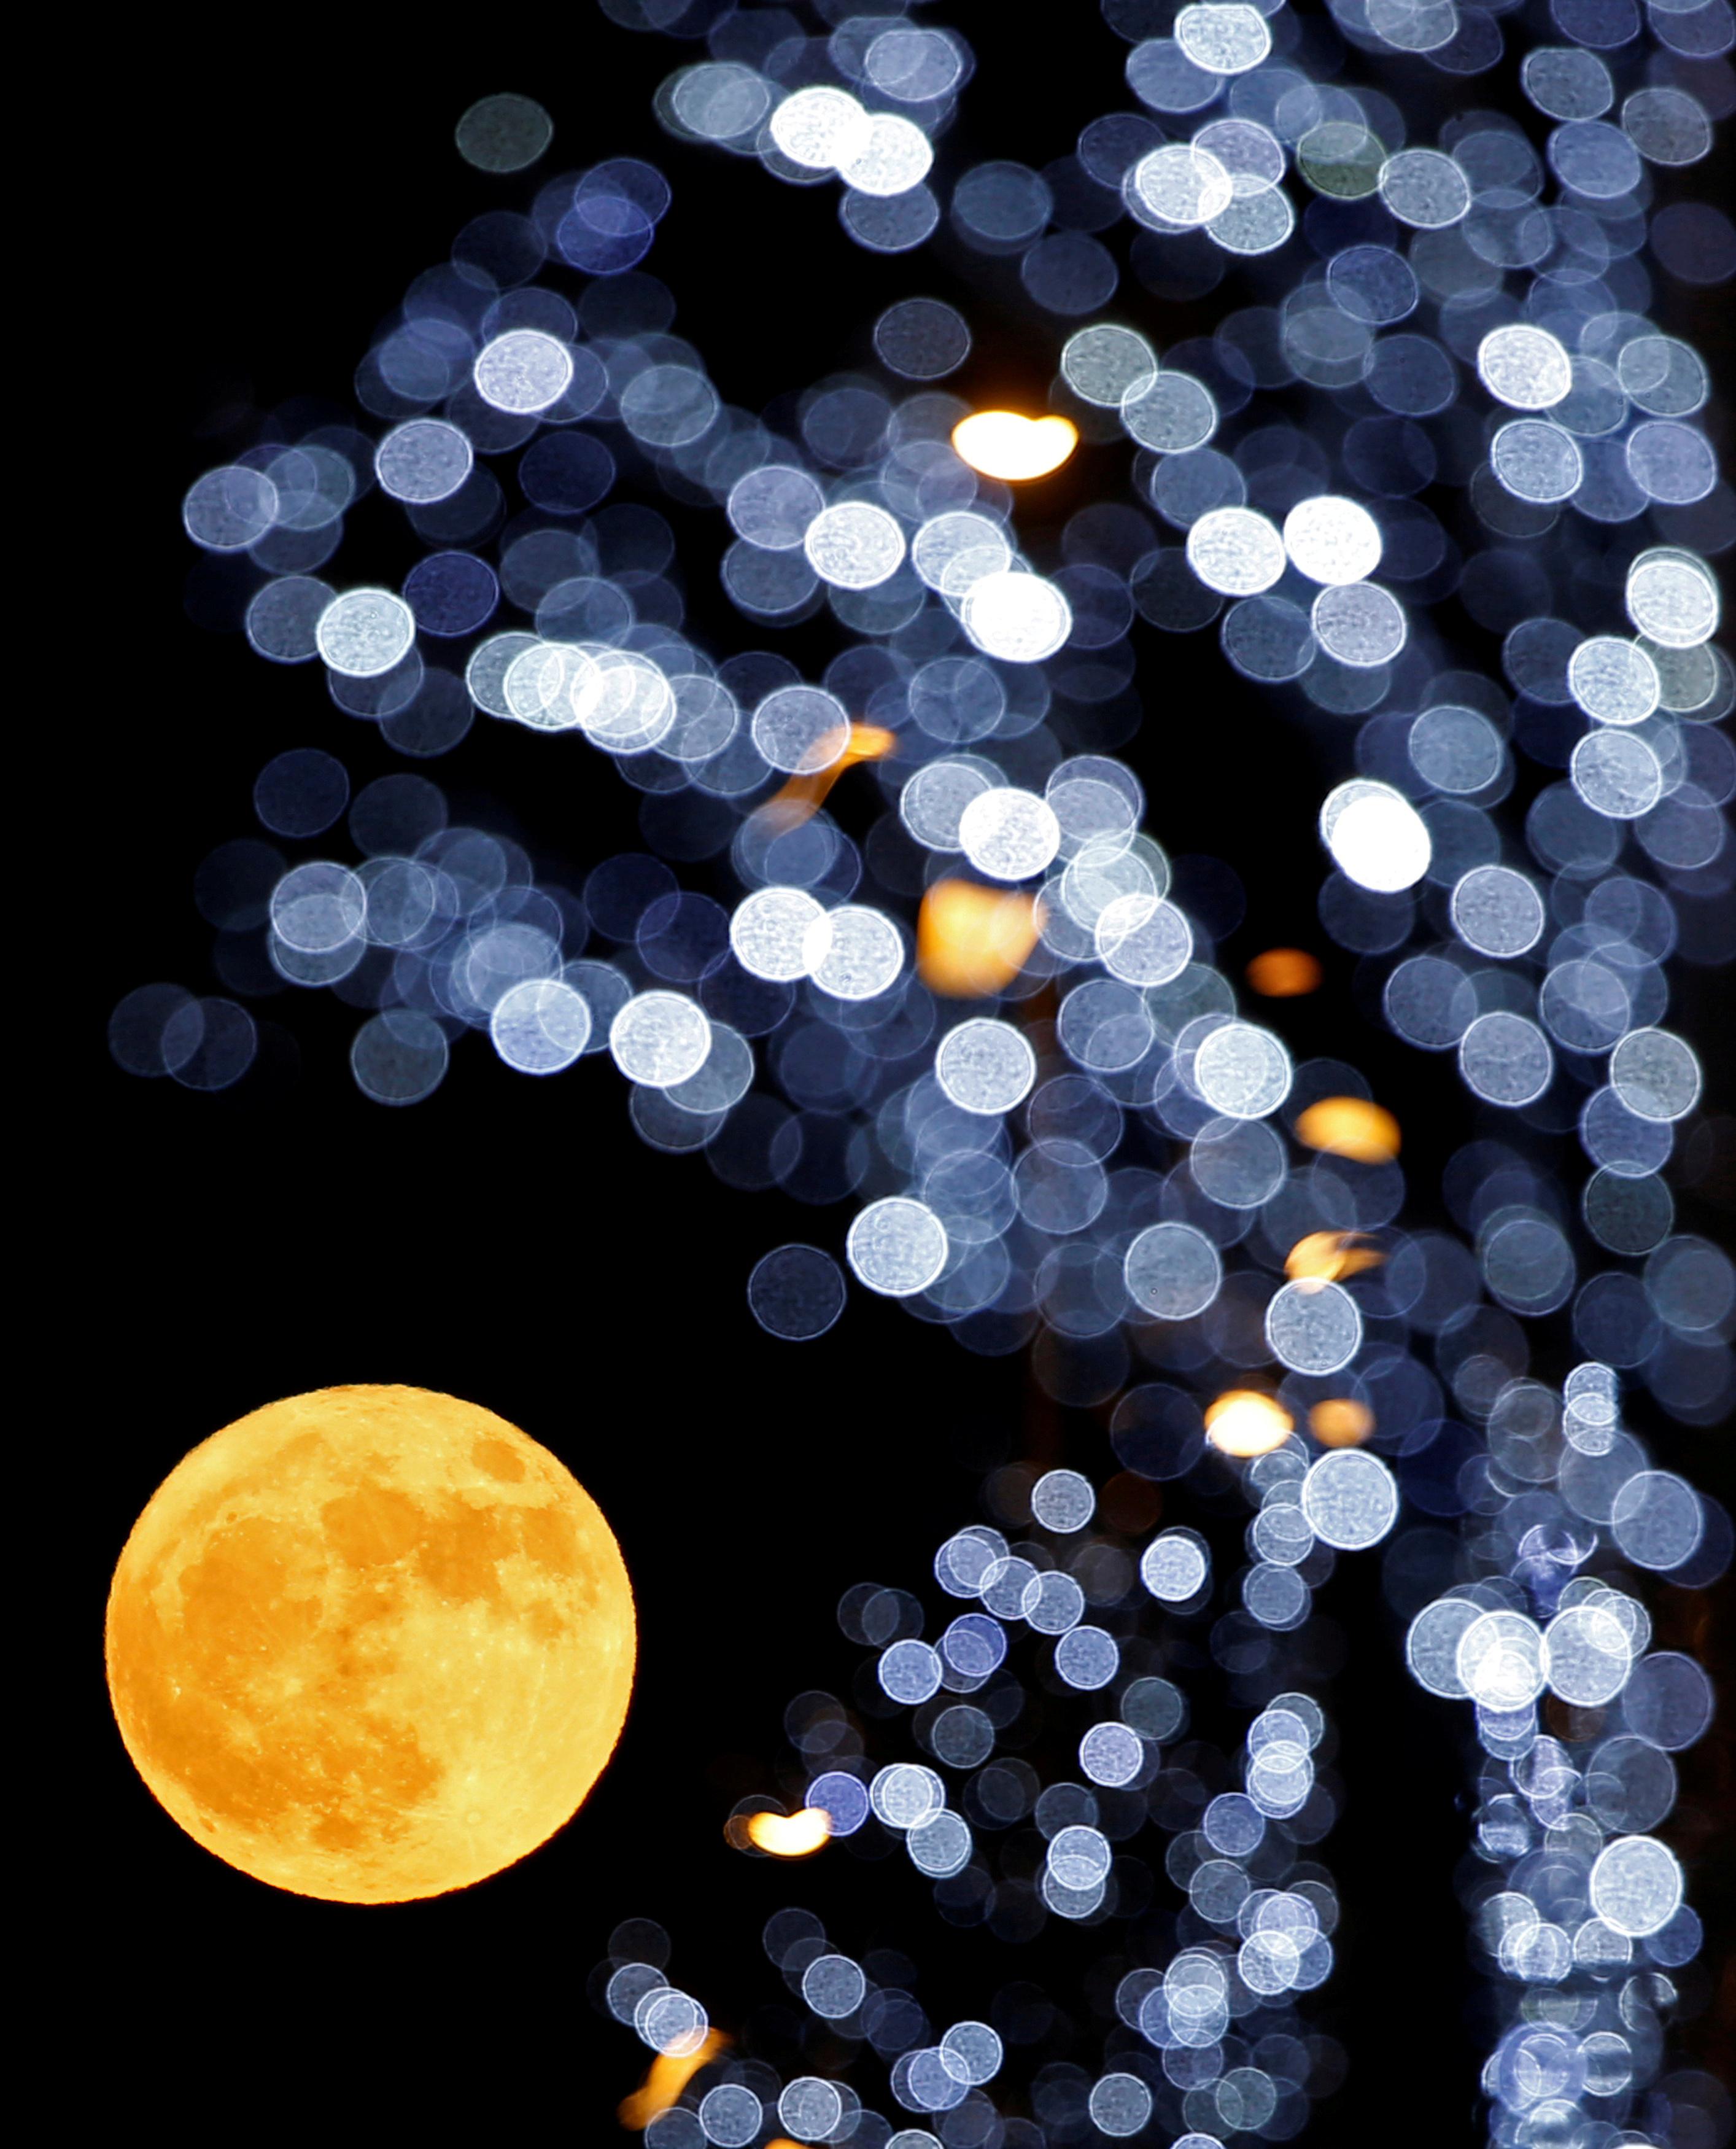 ظهور القمر في سماء فرنسا